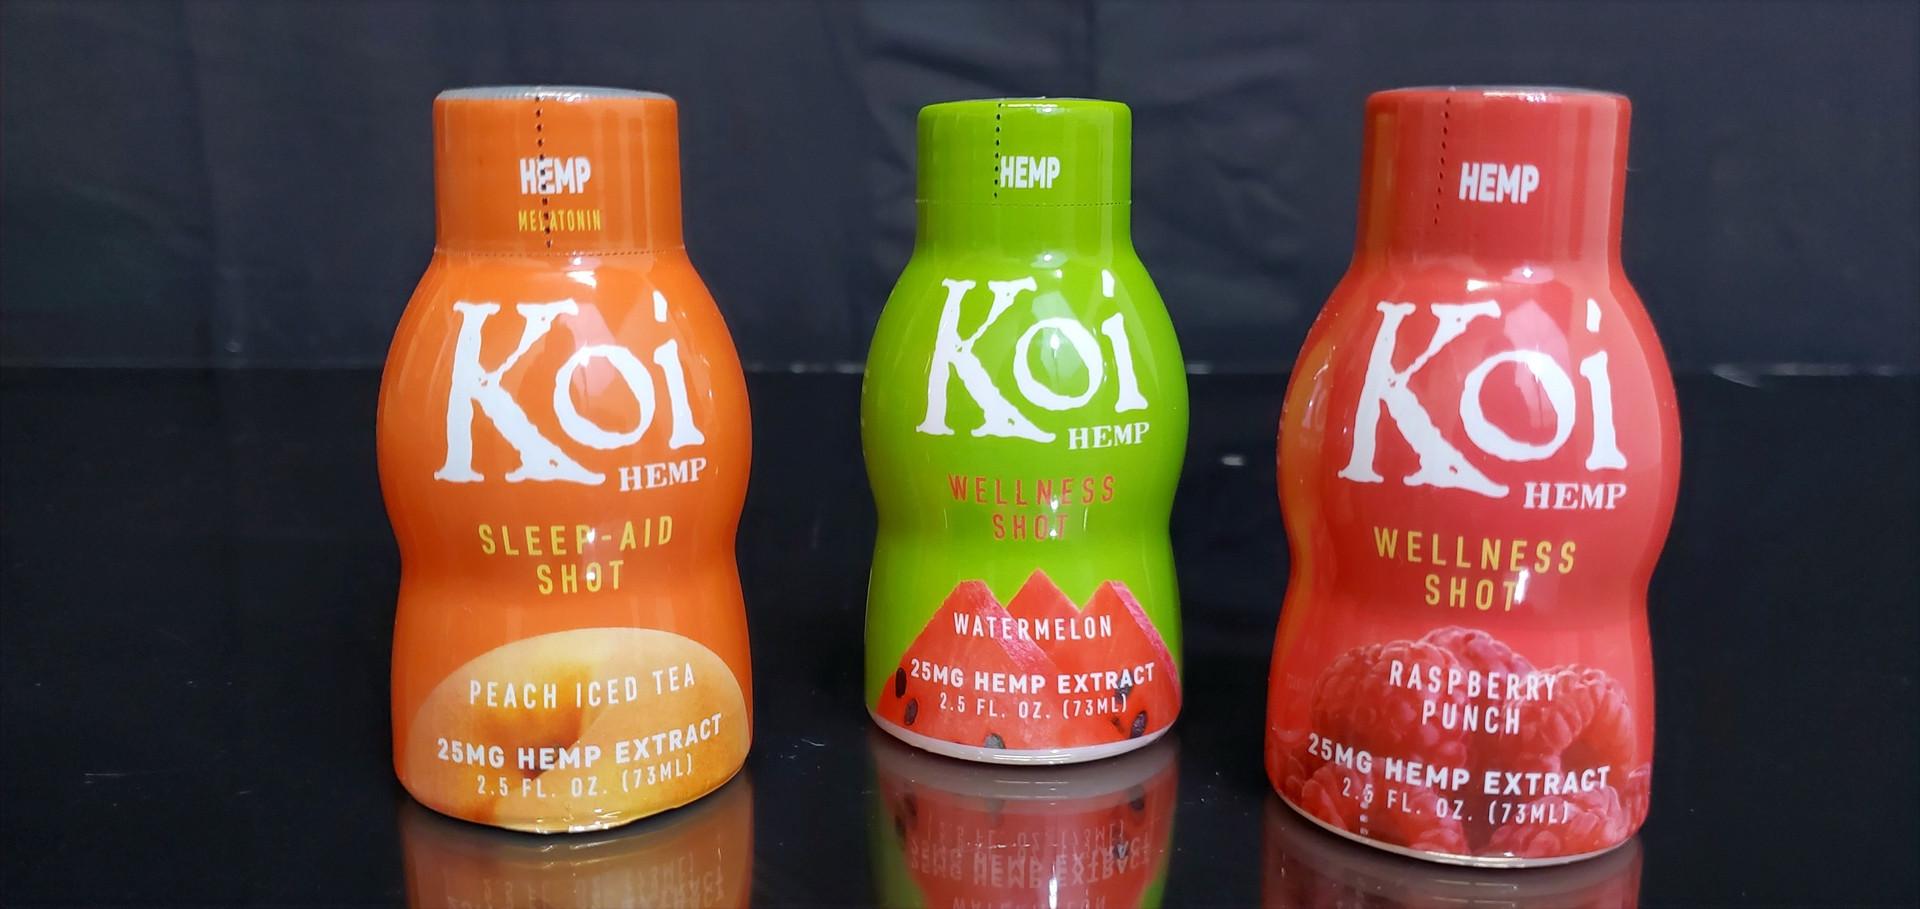 kOi Hemp Shots